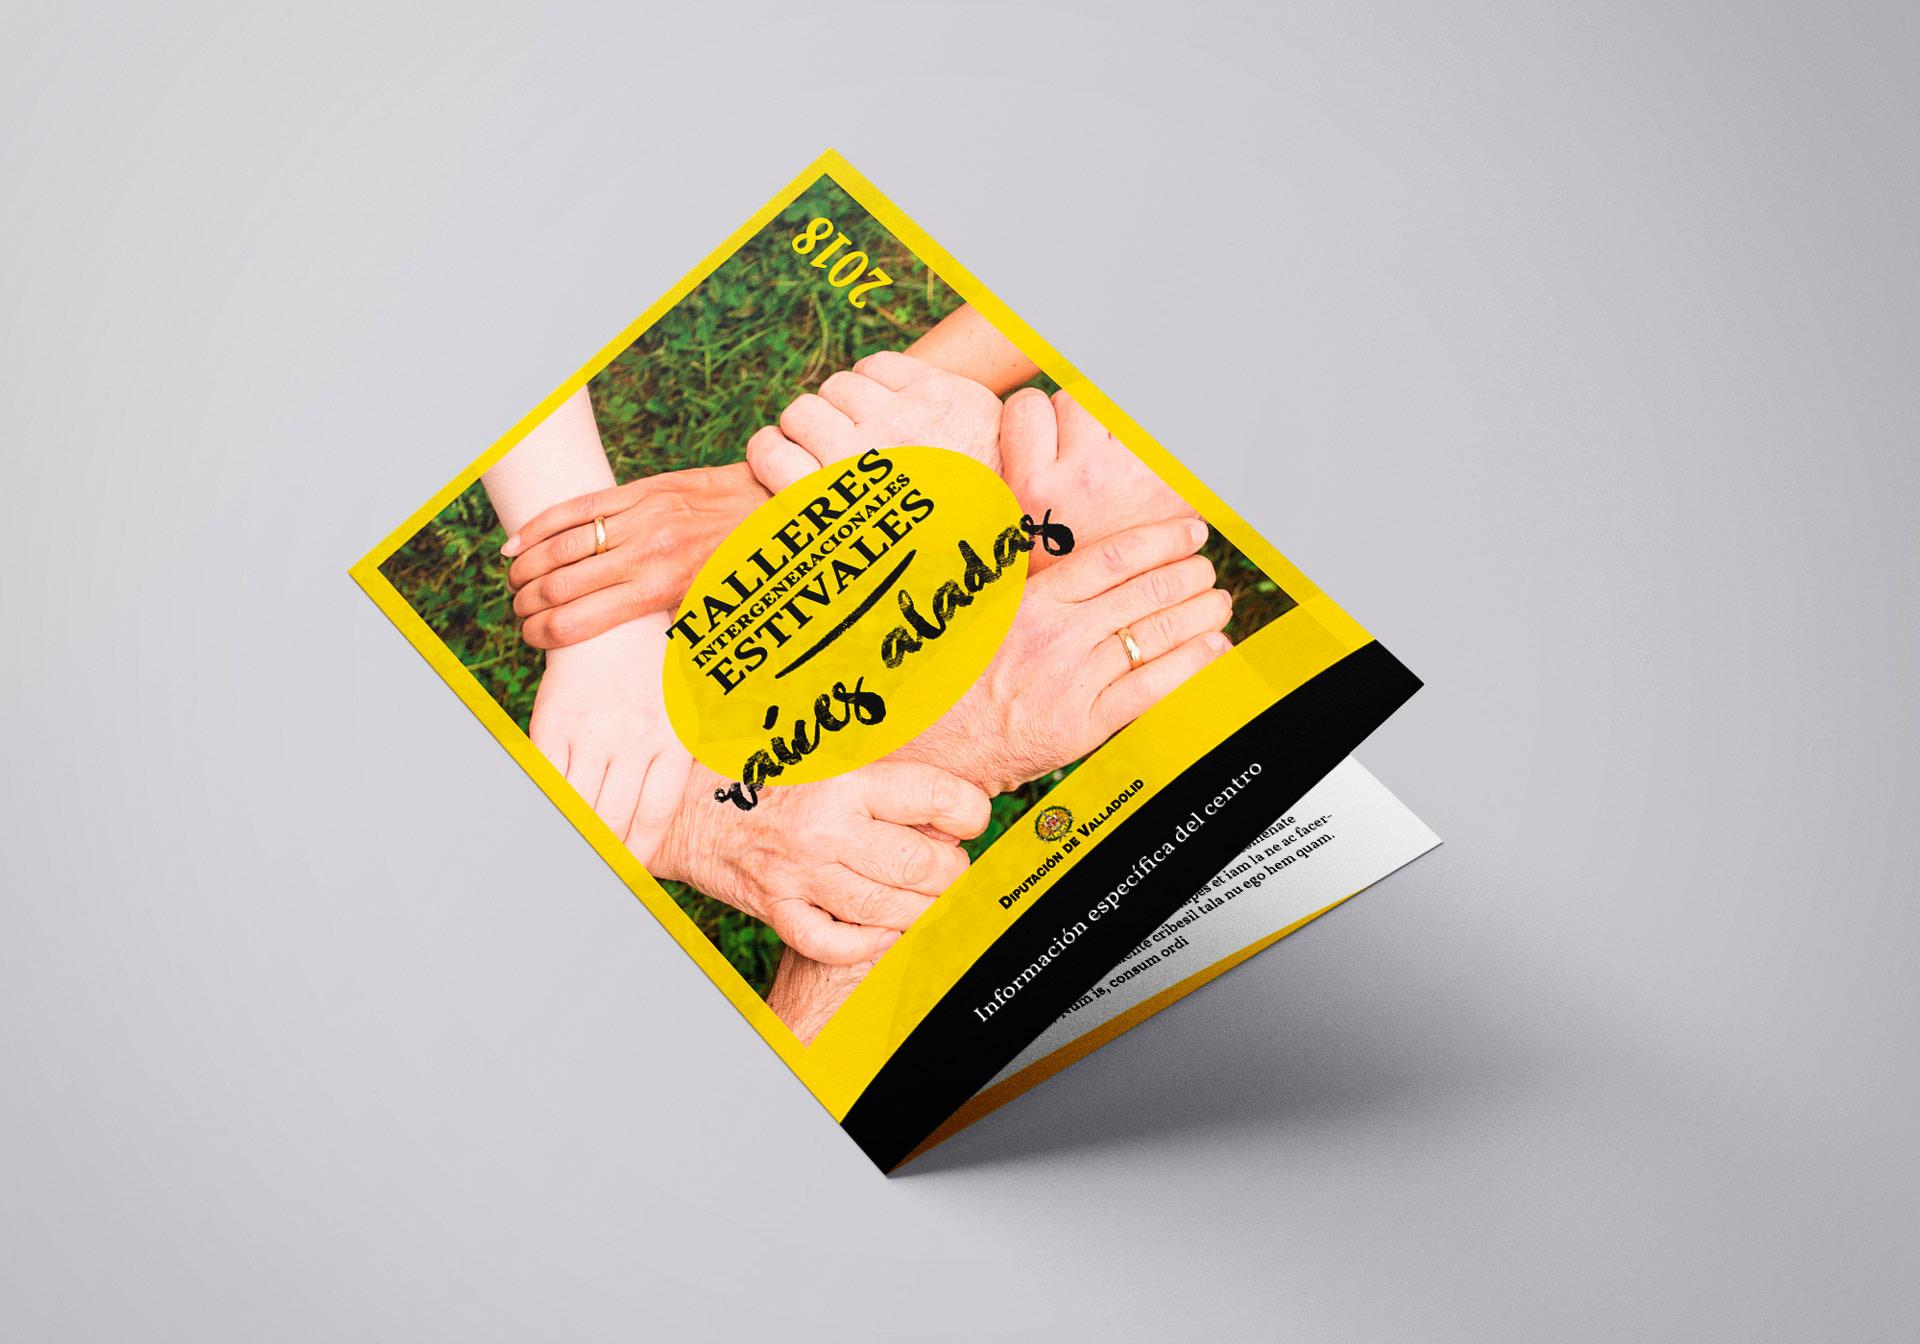 Díptico portada - Campaña de publicidad - Talleres Intergeneracionales Estivales 2018 (Raices Aladas)